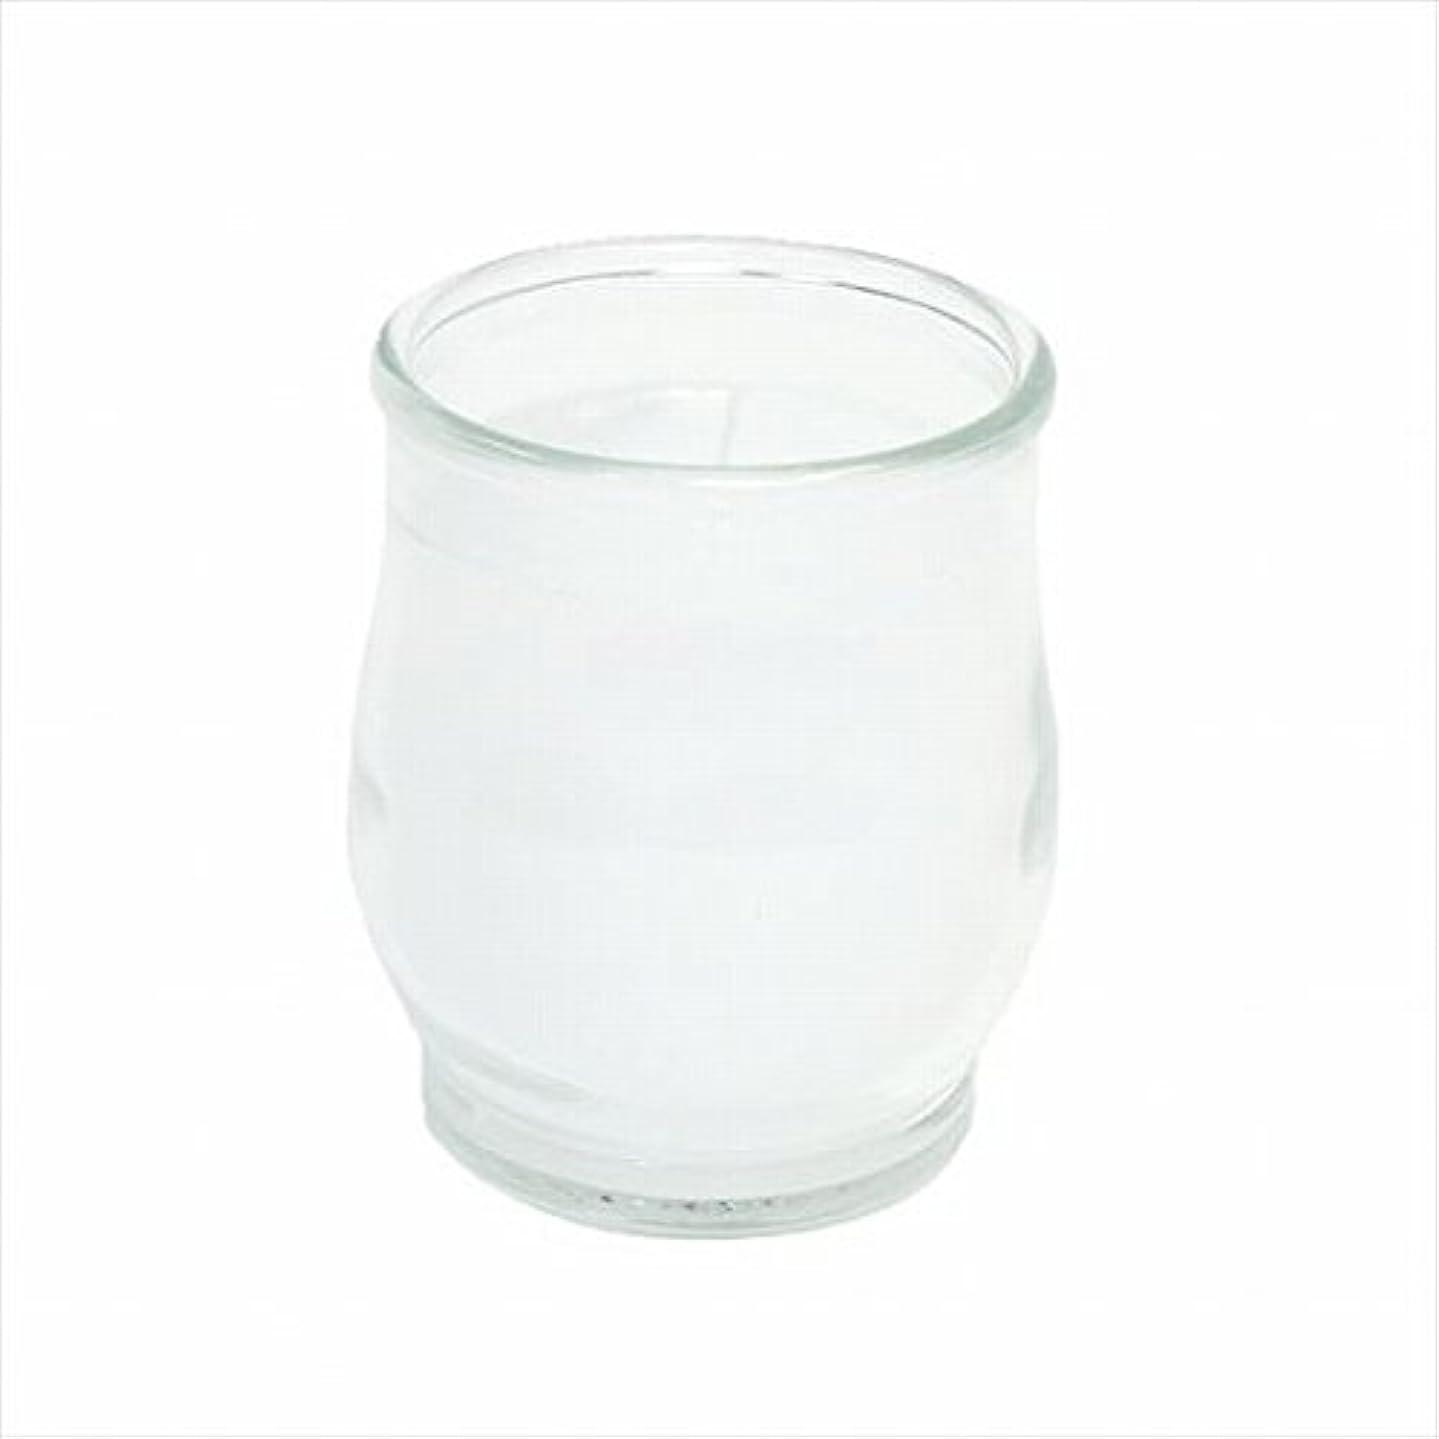 保存する長老配分カメヤマキャンドル(kameyama candle) ポシェ(非常用コップローソク) 「 クリア 」